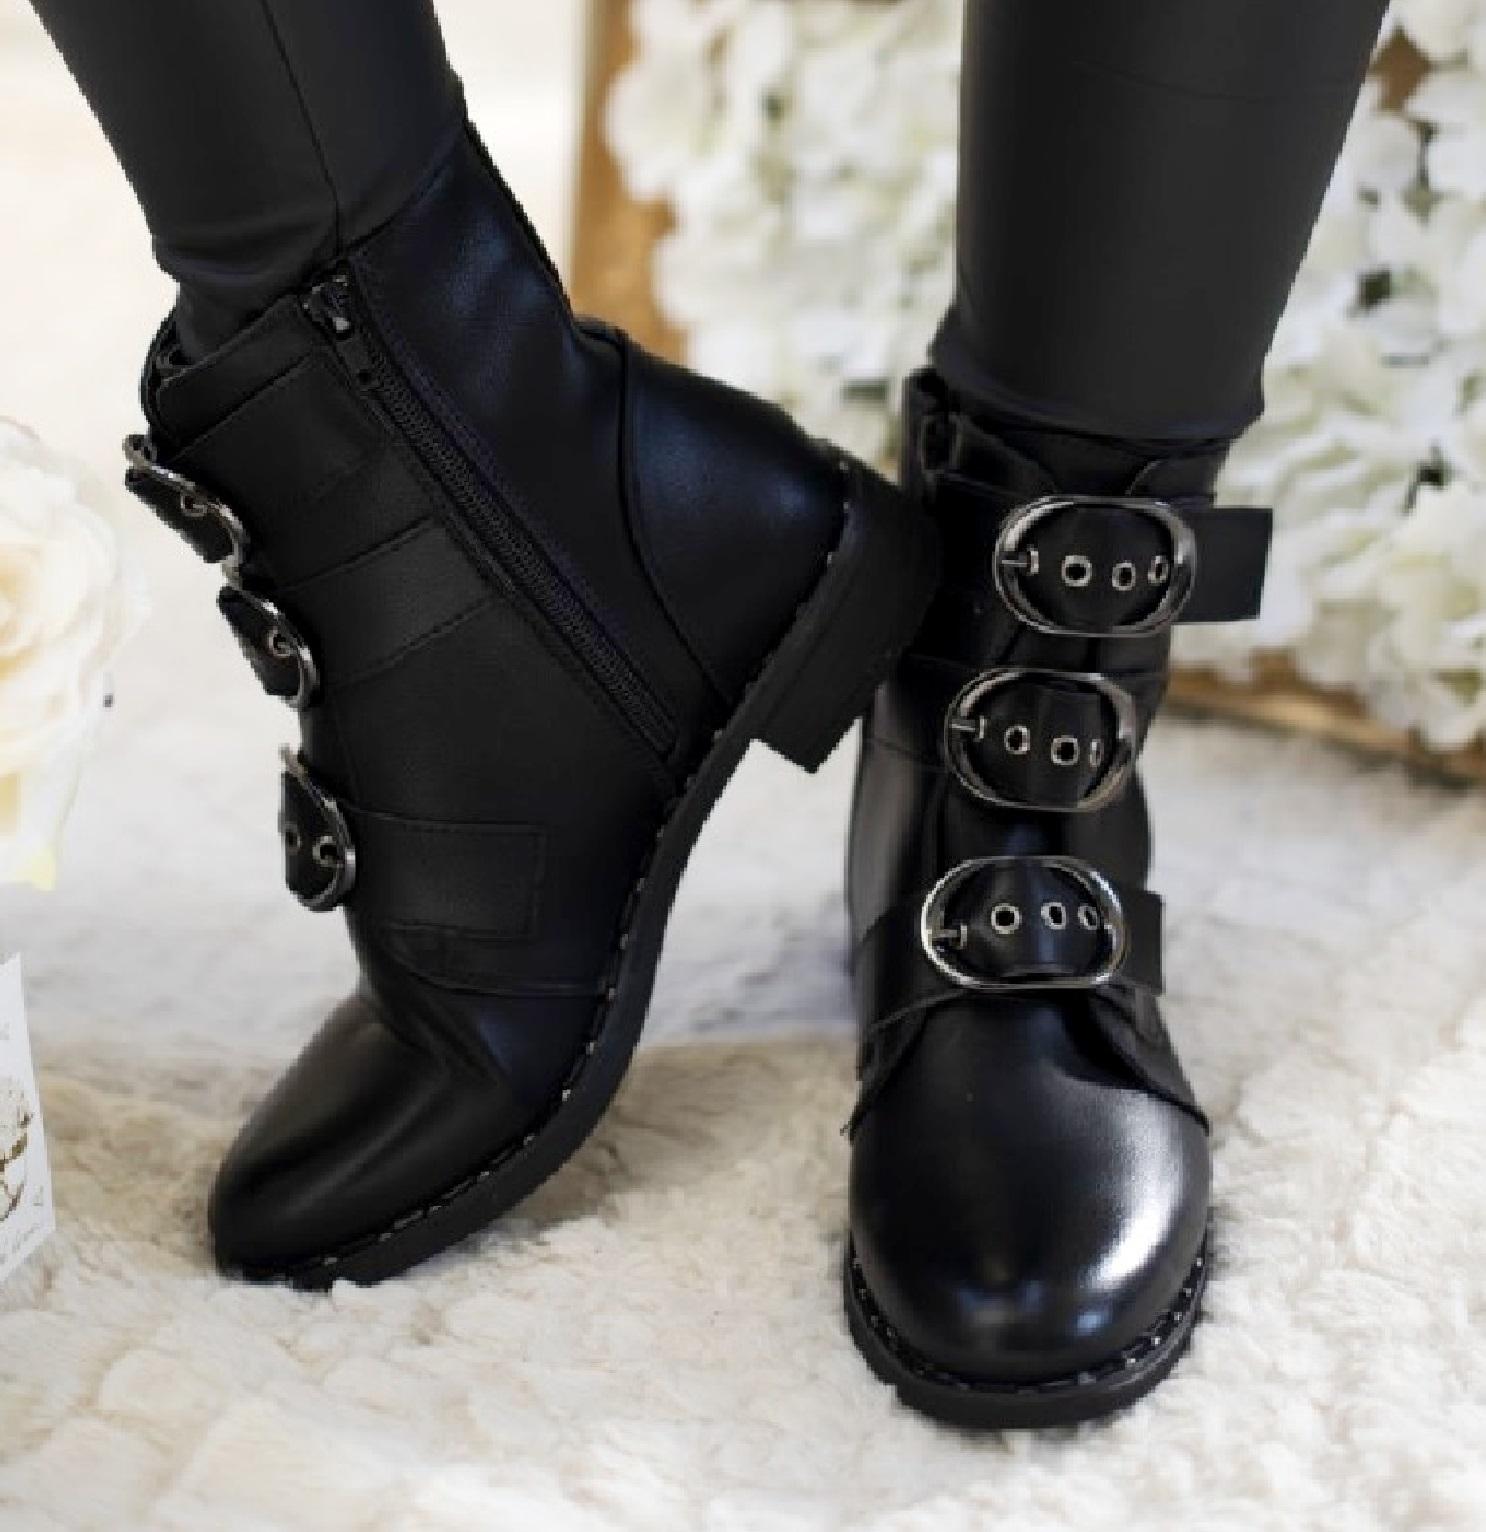 Scarpe Stivali Stivaletti donna pelle nero borchie fibbia cinta suola